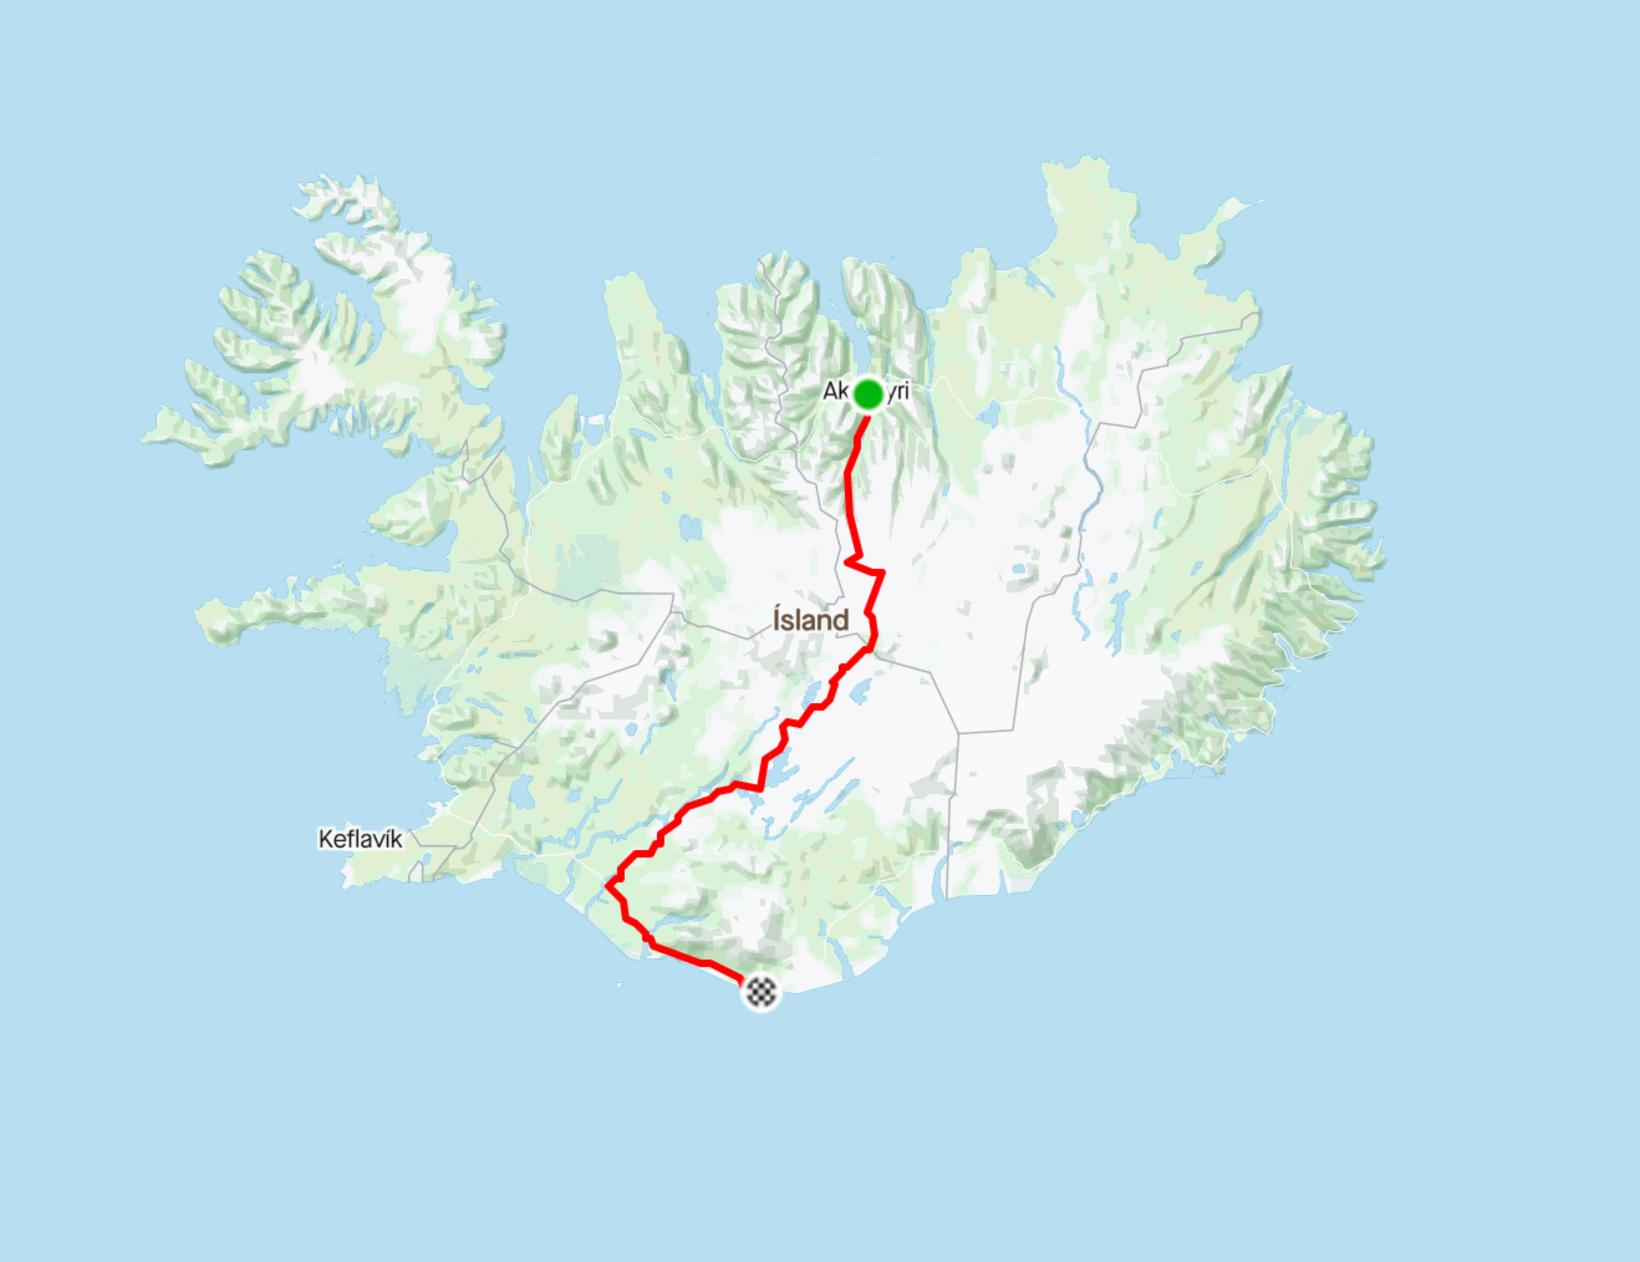 Leiðin sem McElveen hjólaði þvert yfir Ísland.